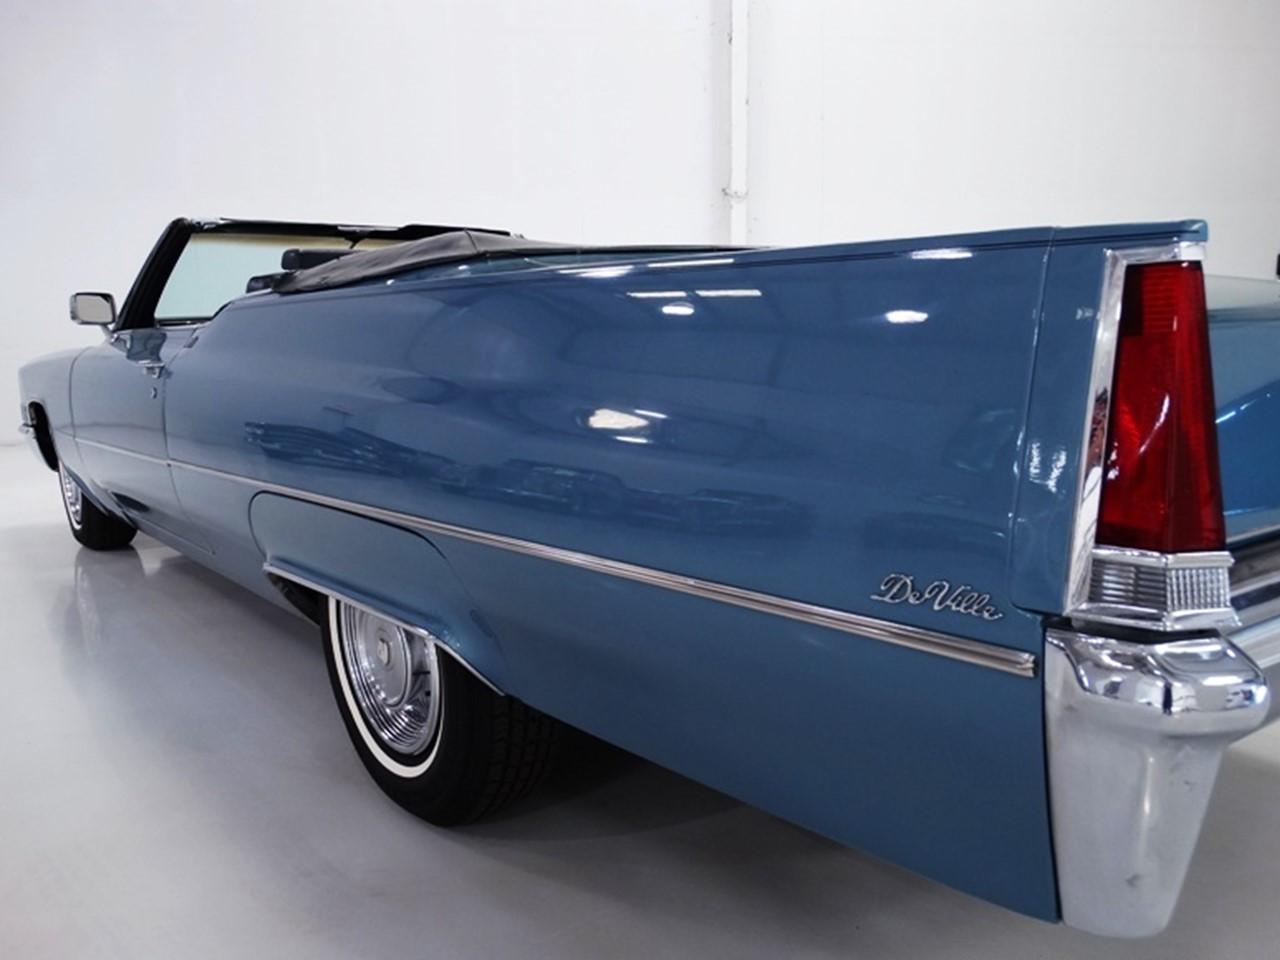 1969 tail fin